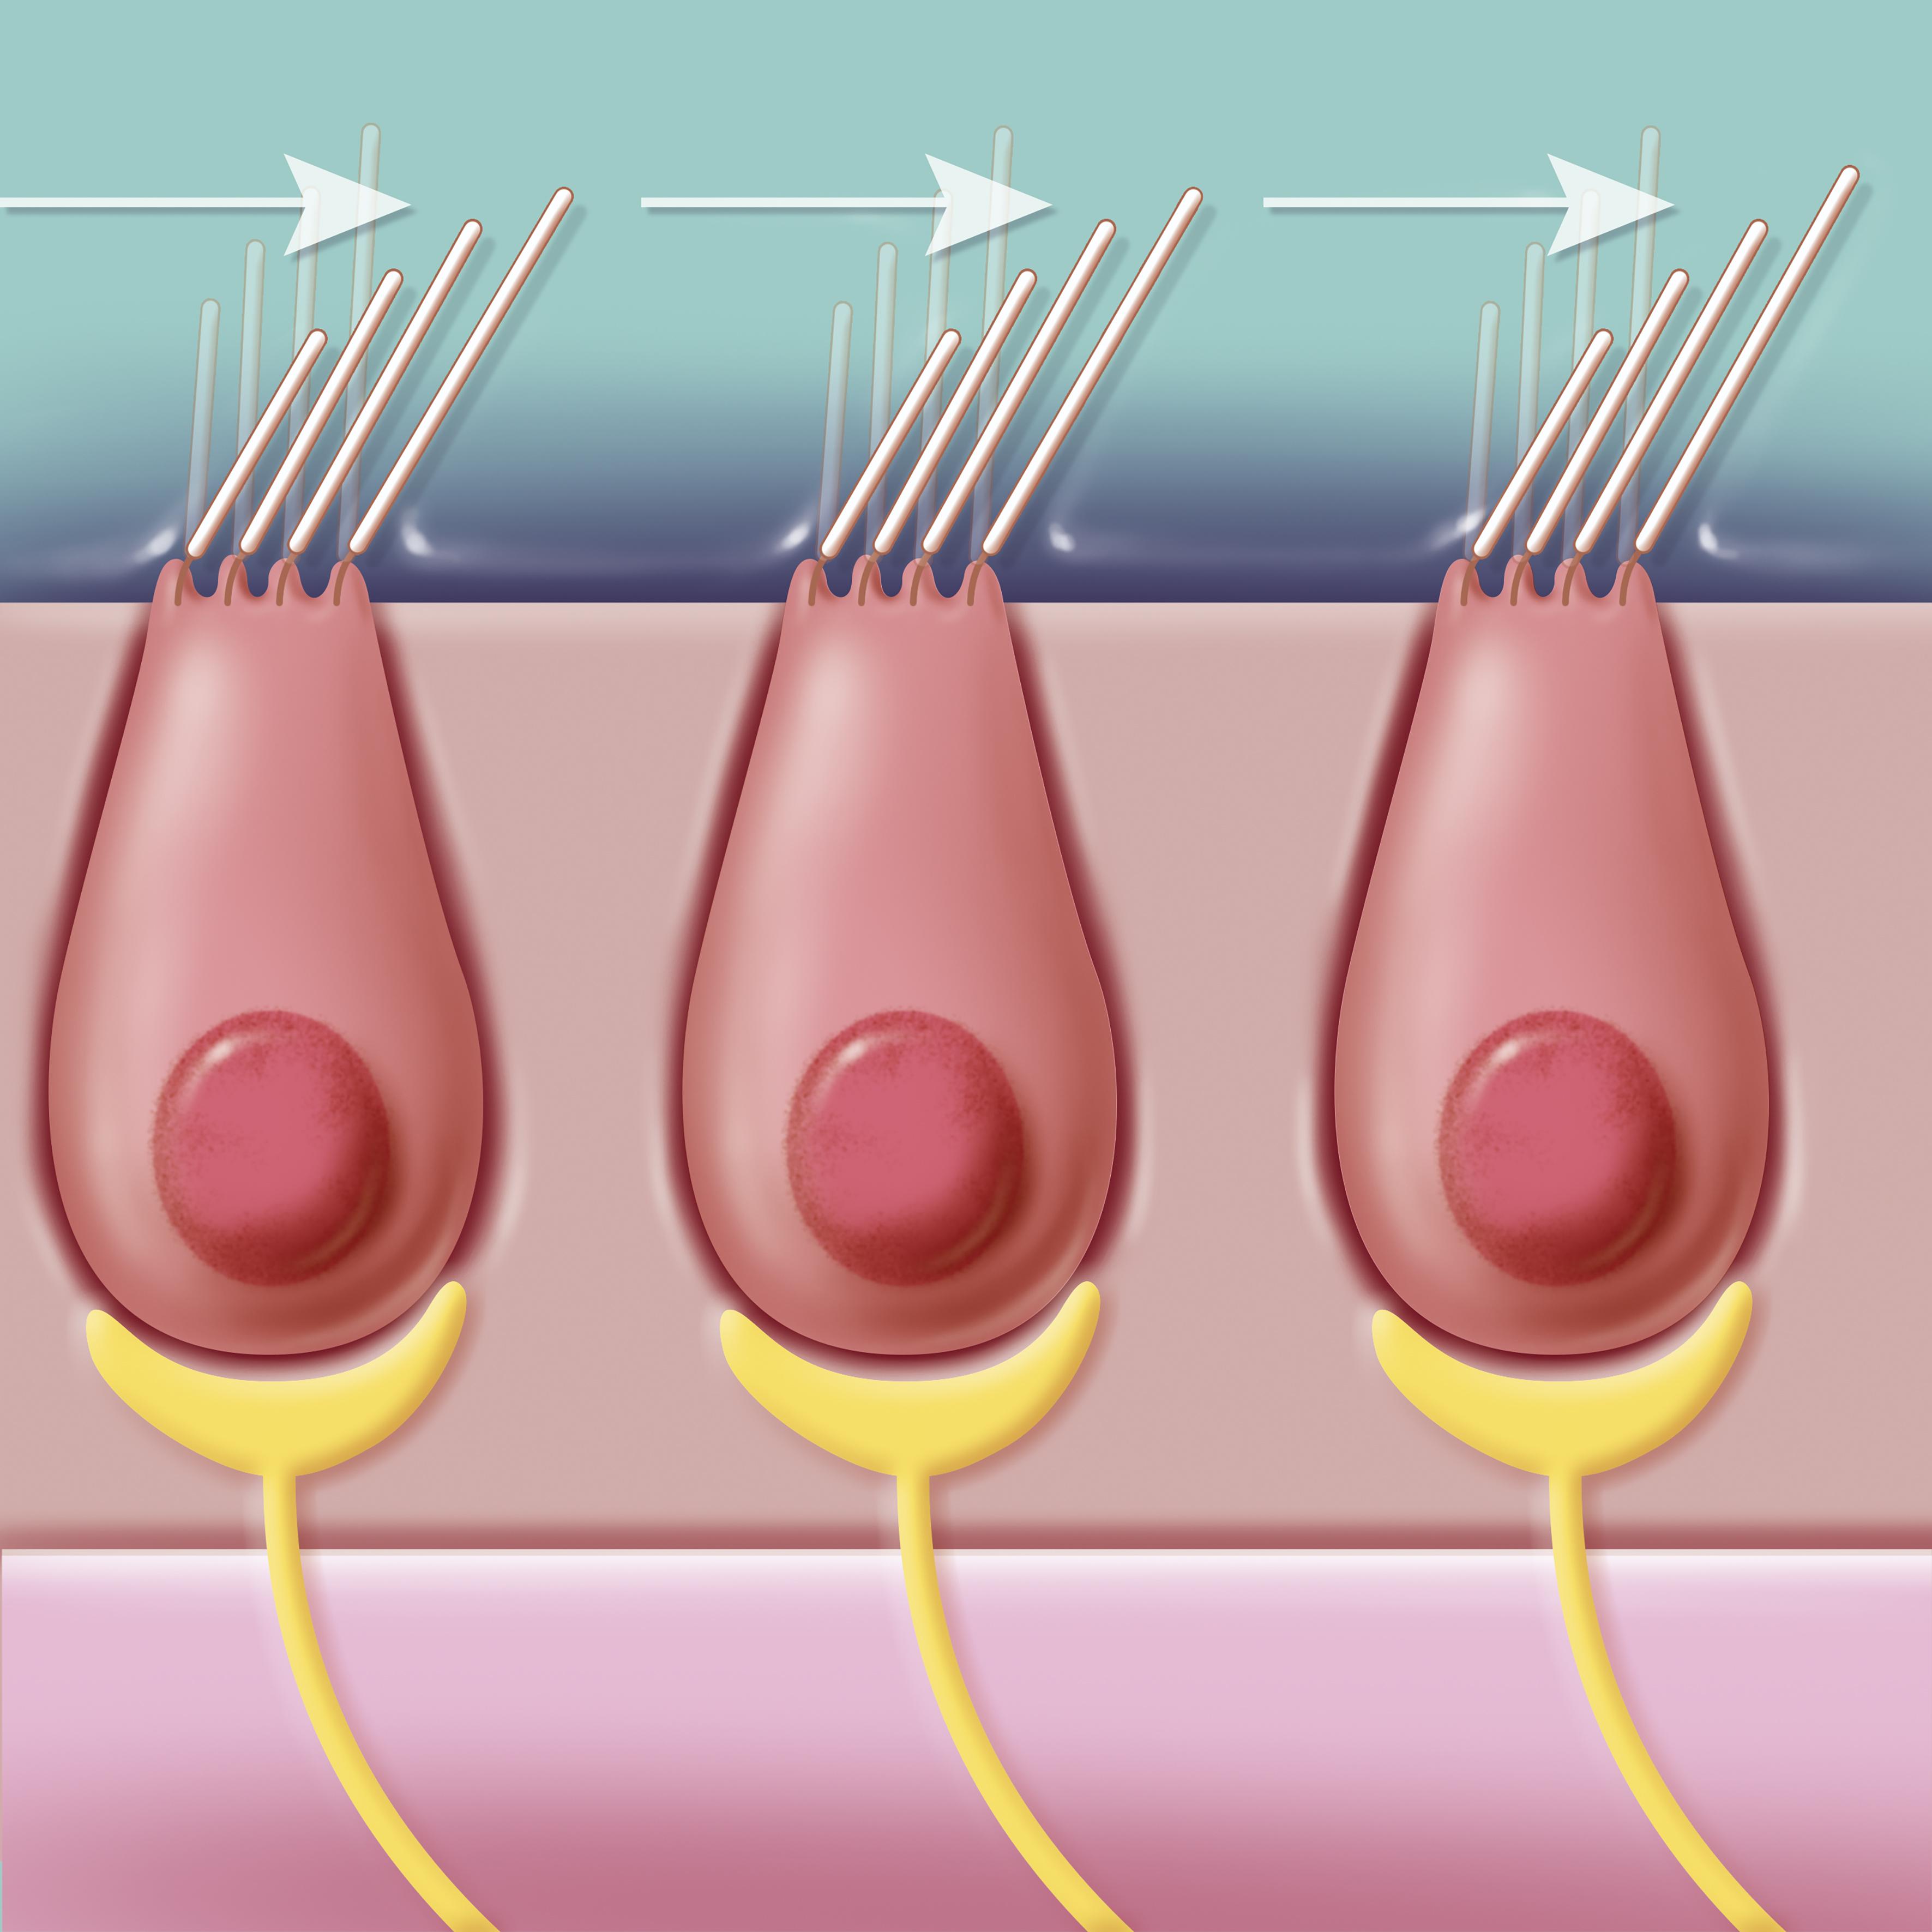 genitális papillómák nőknél amely eltávolította a nemi szemölcsöket